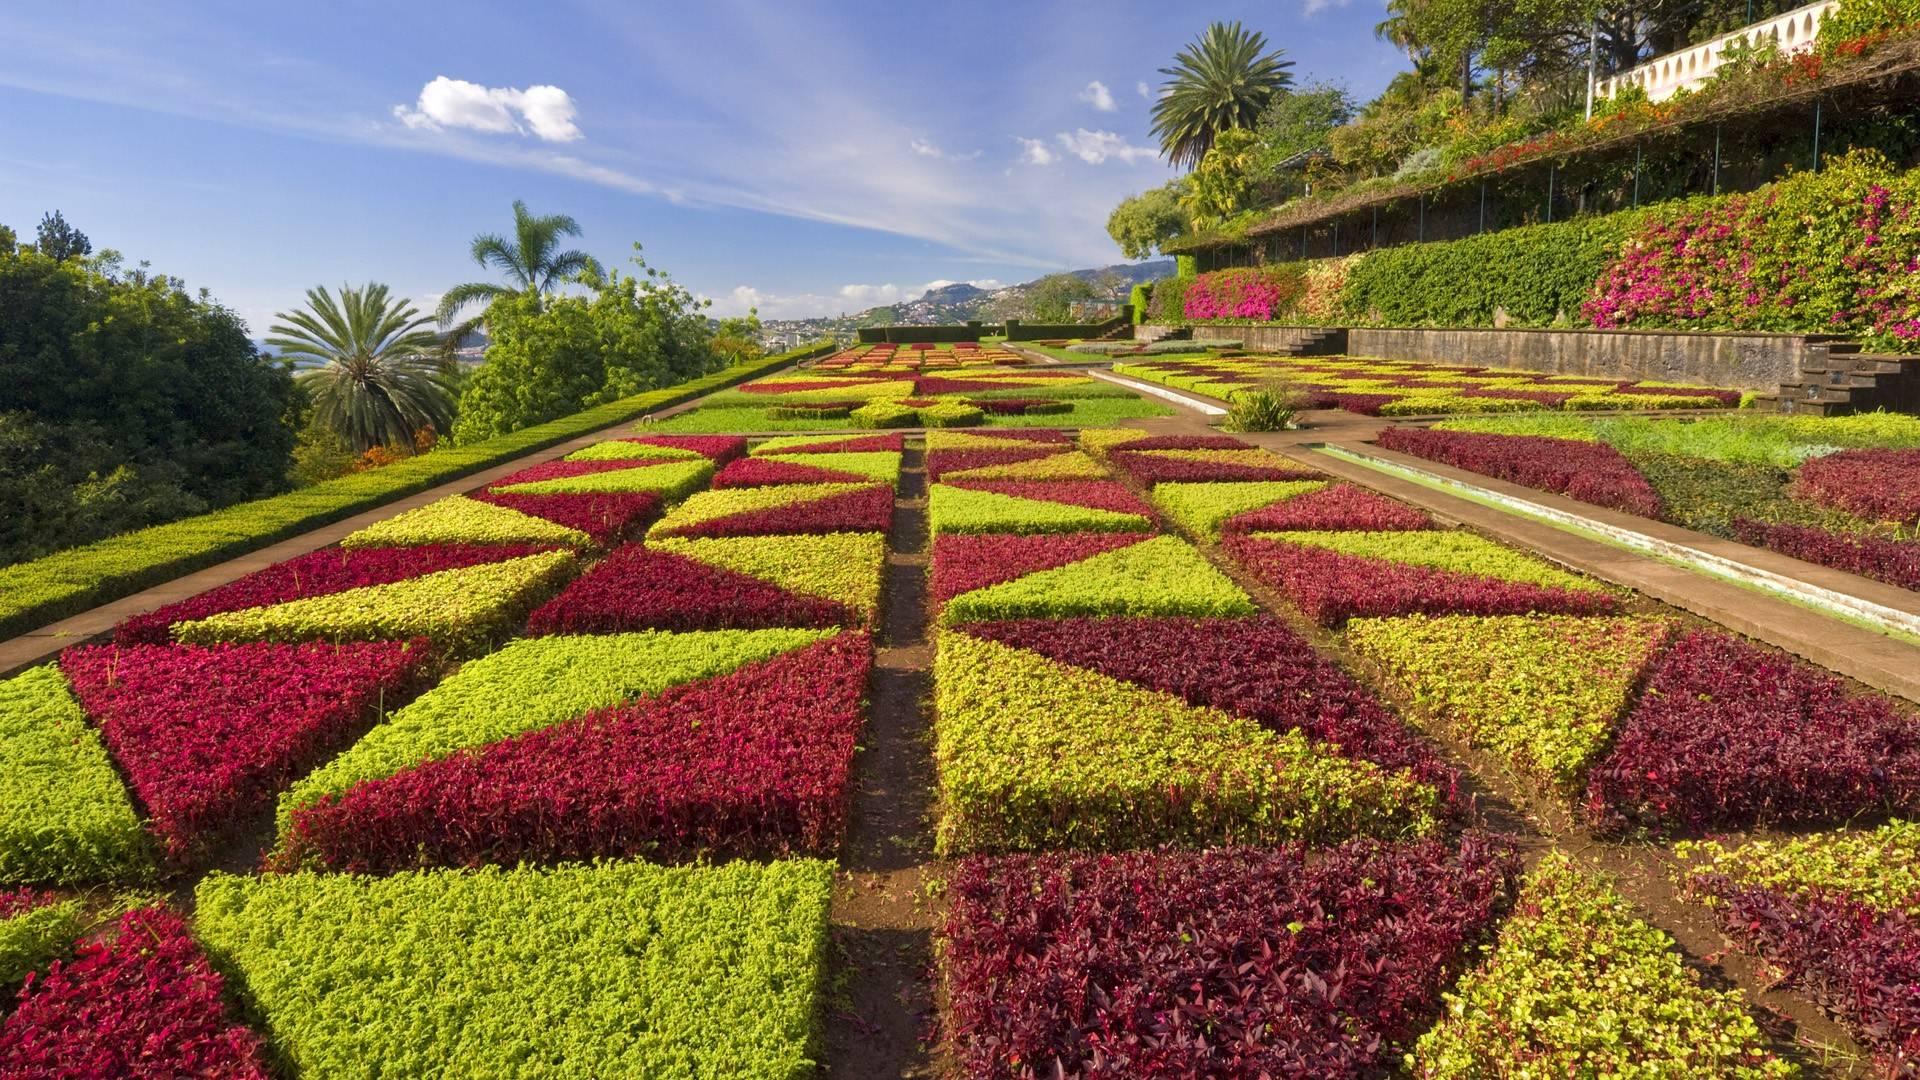 wallpaper flower garden wallpaper wallpaper flower garden hd - Flower Garden Wallpaper